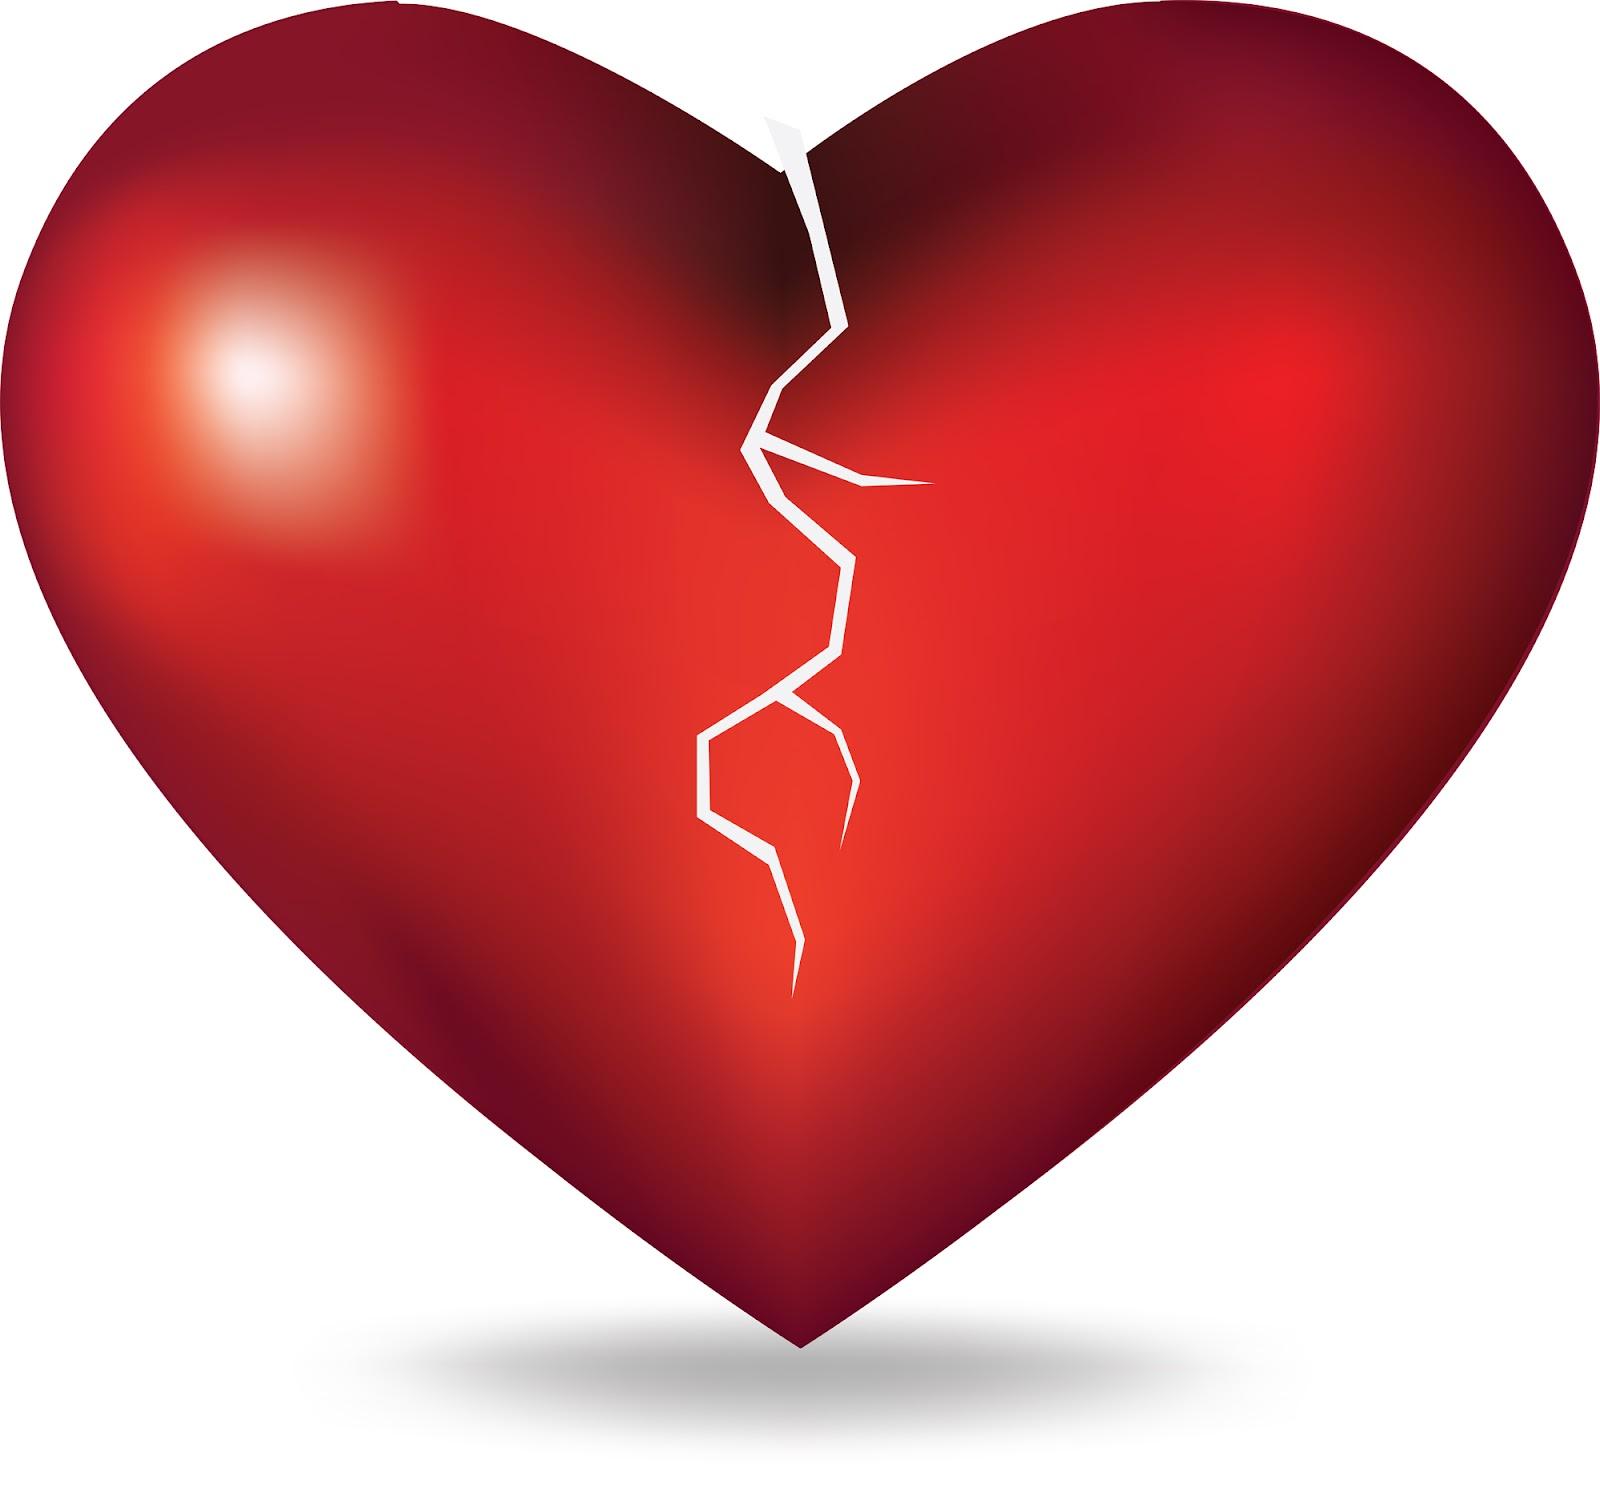 Feelings In 2Pics Broken Heart 3 Wallpaper